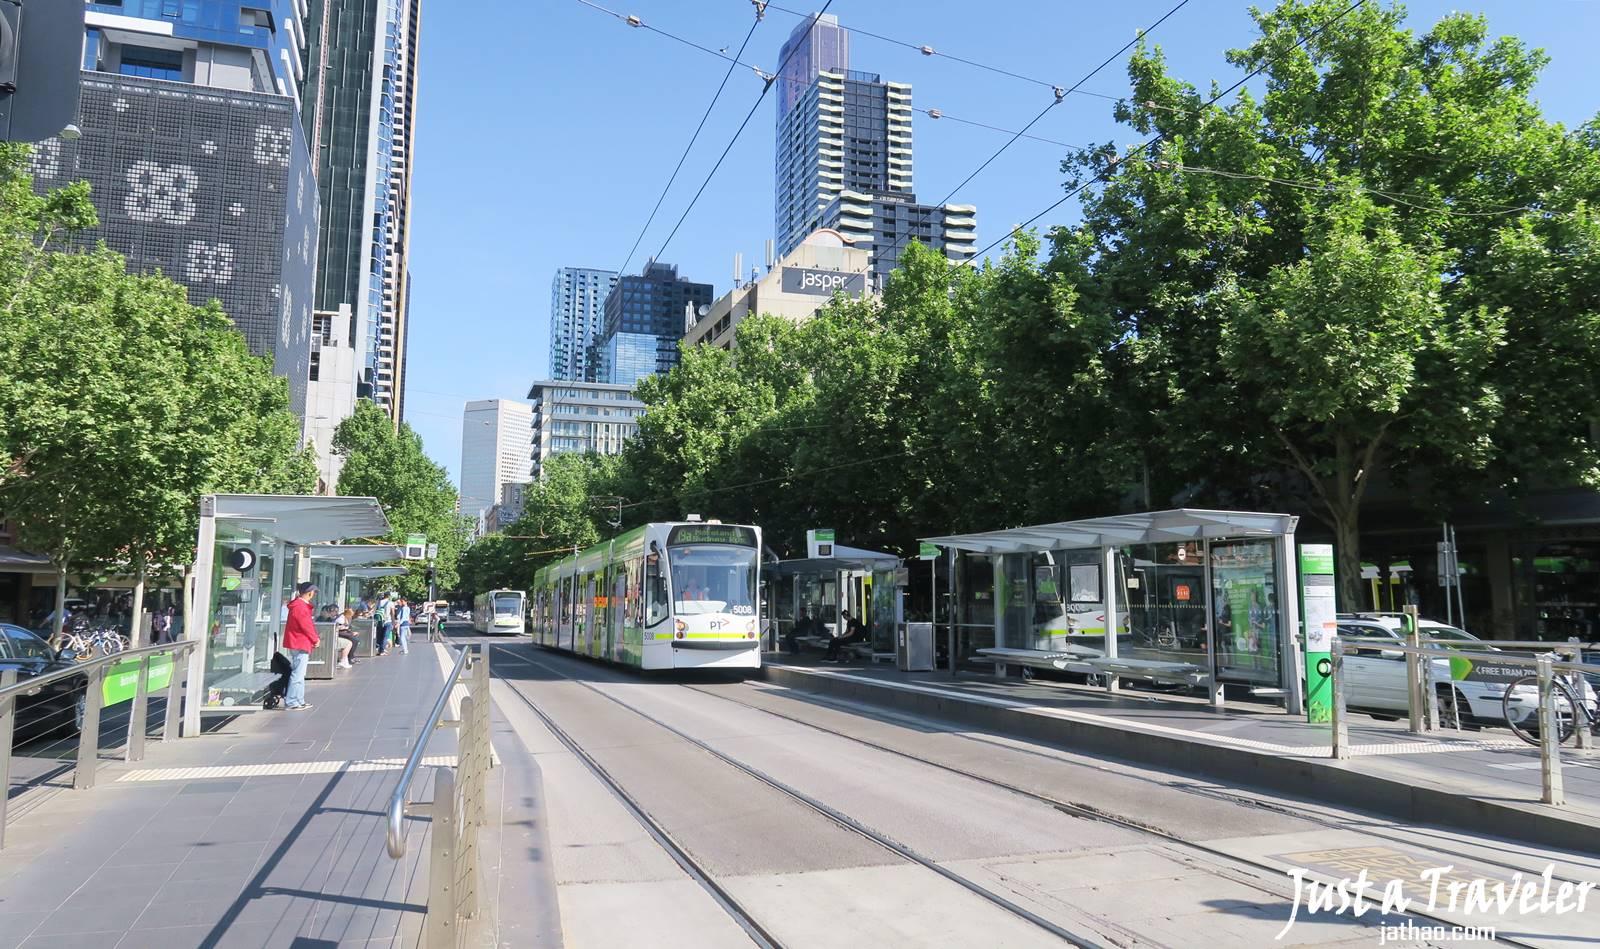 墨爾本-交通-myki-電車-火車-墨爾本交通攻略-墨爾本交通介紹-教學-搭乘-票價-melbourne-transport-tram-train-bus